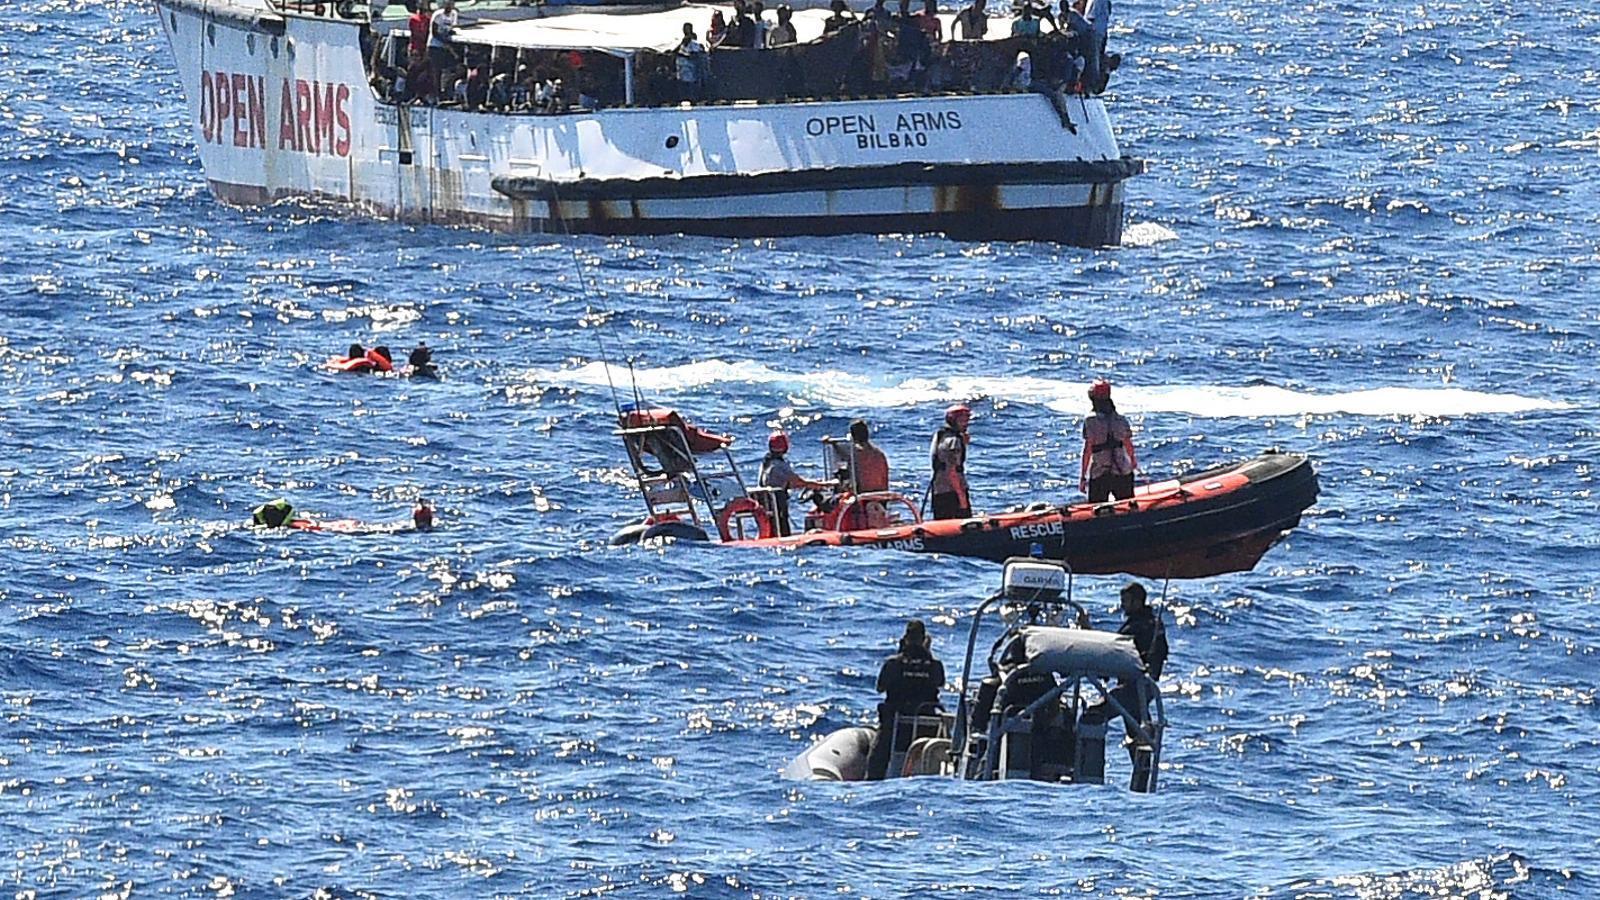 El govern espanyol enviarà un vaixell de l'armada per escortar l''Open Arms' fins a Palma